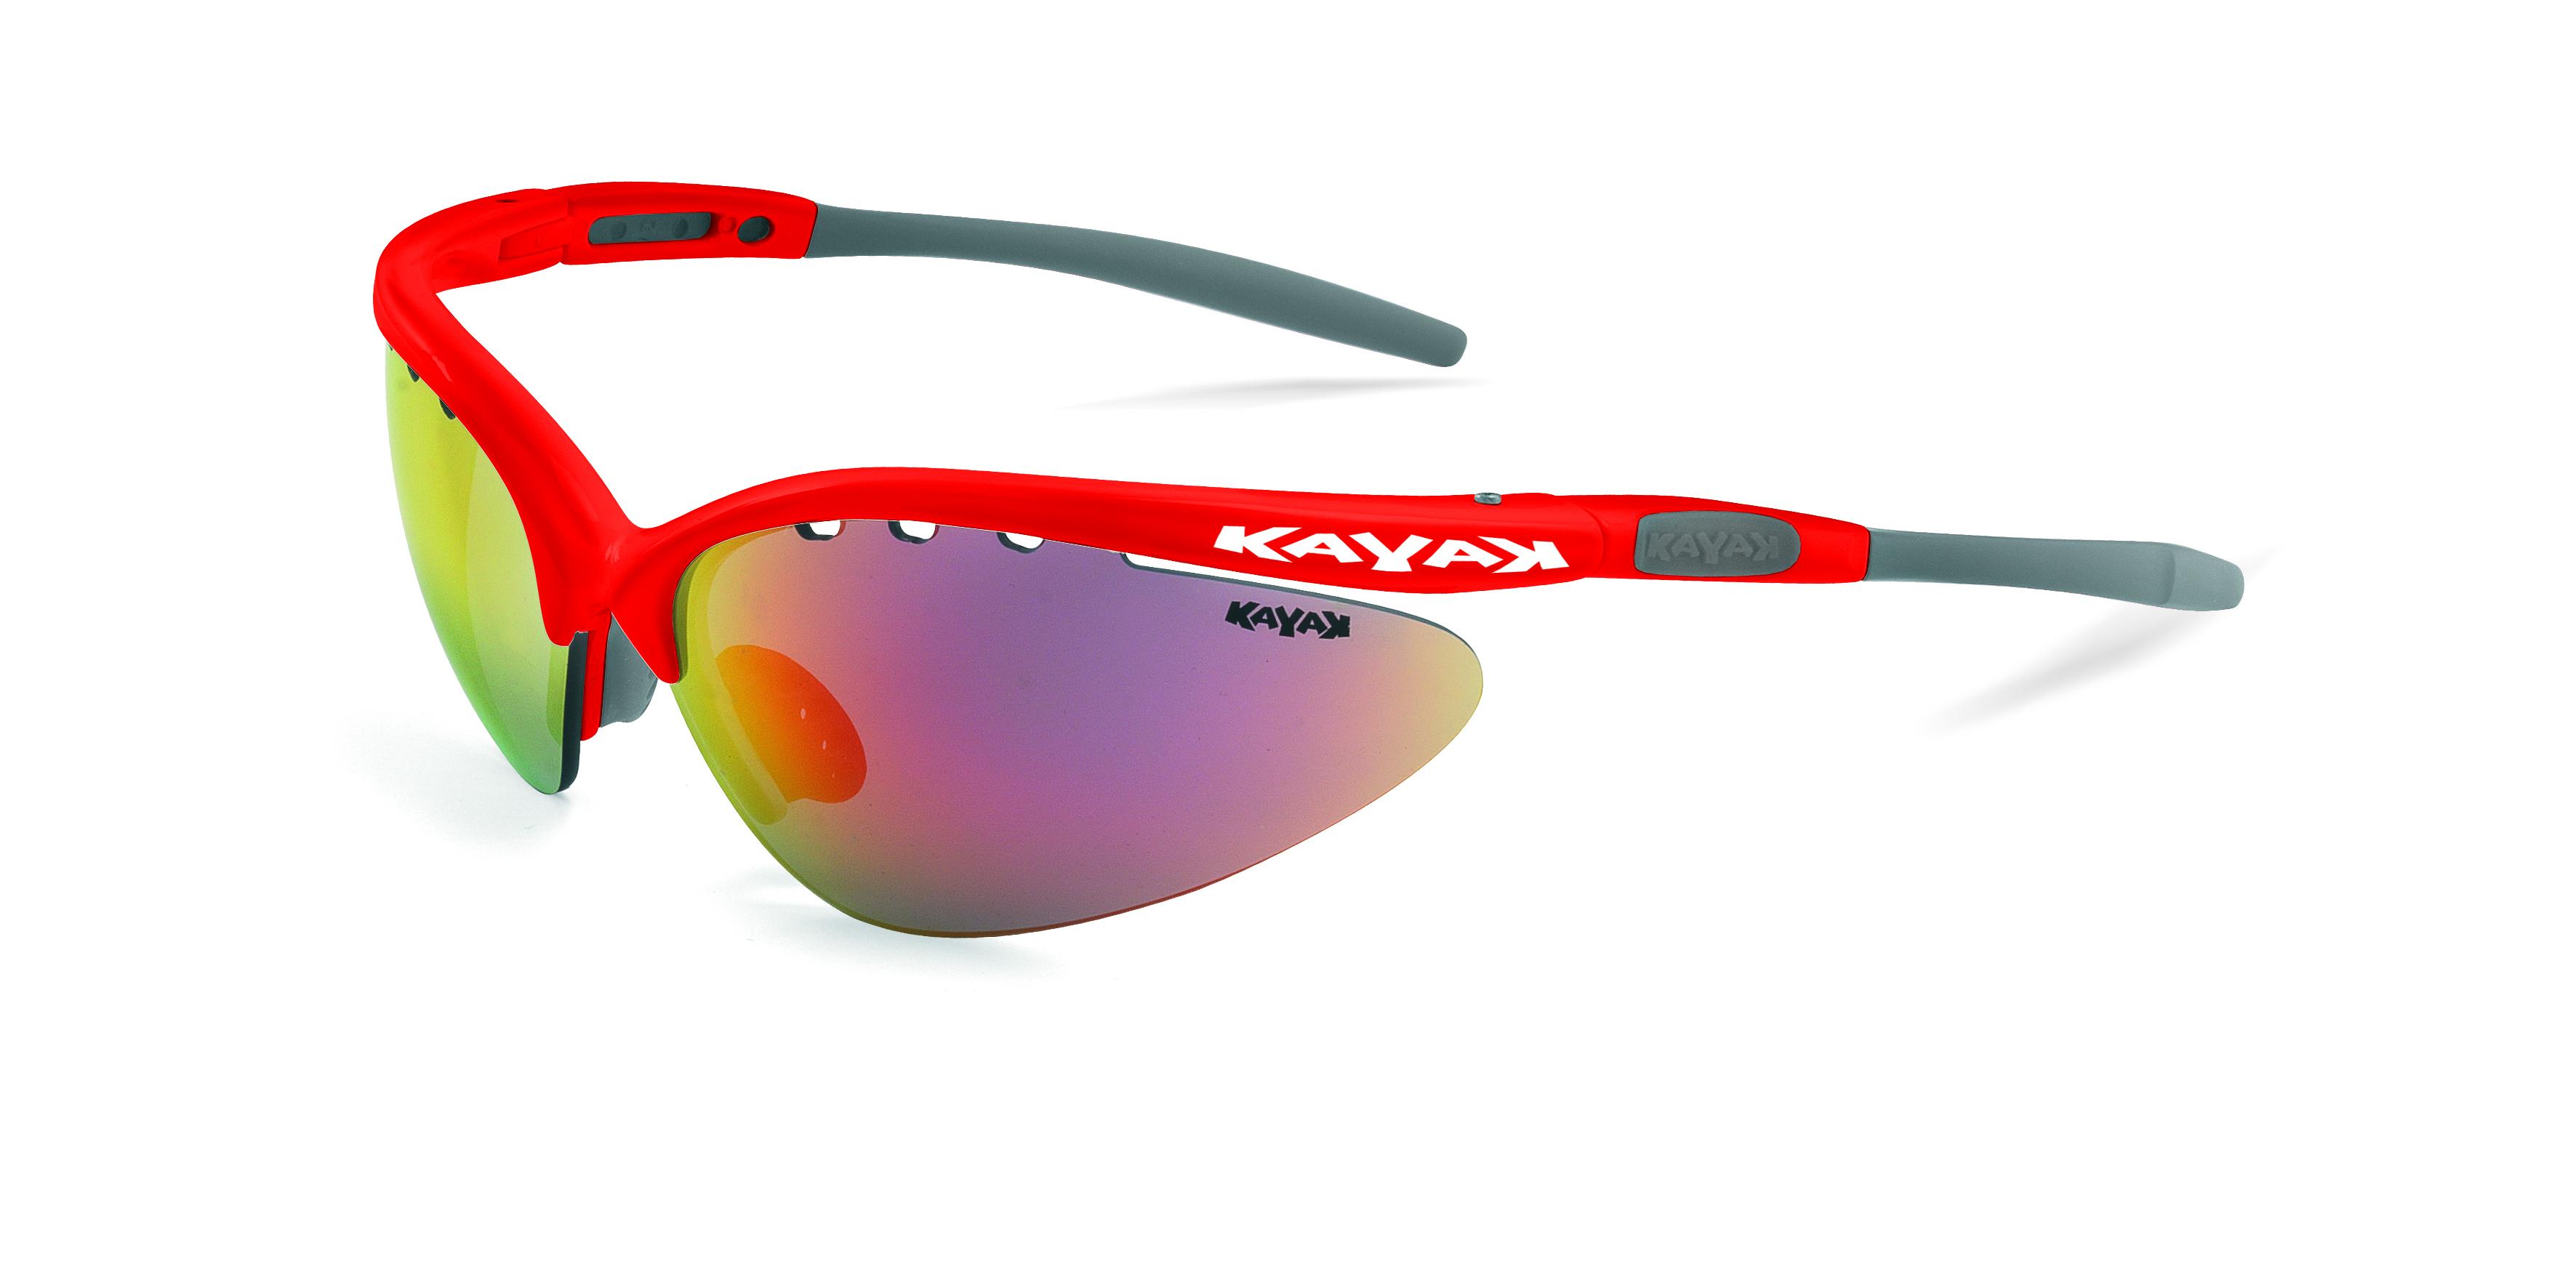 Occhiali kayak e casco Gist: un connubio perfetto